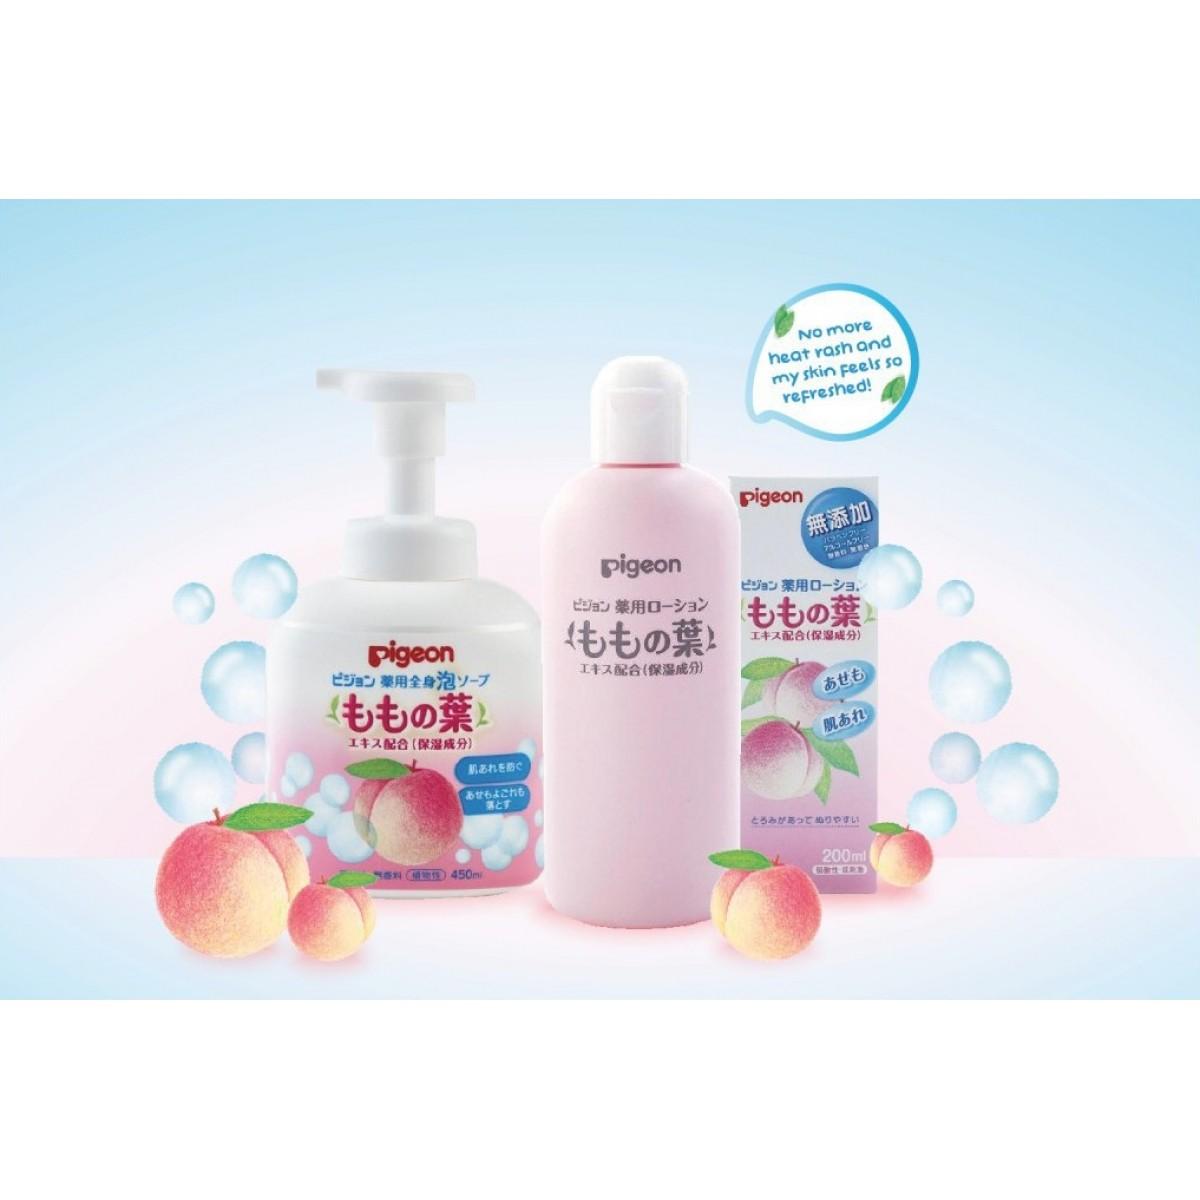 Pigeon Momo Baby Peach Leaf Foam Soap 450ml